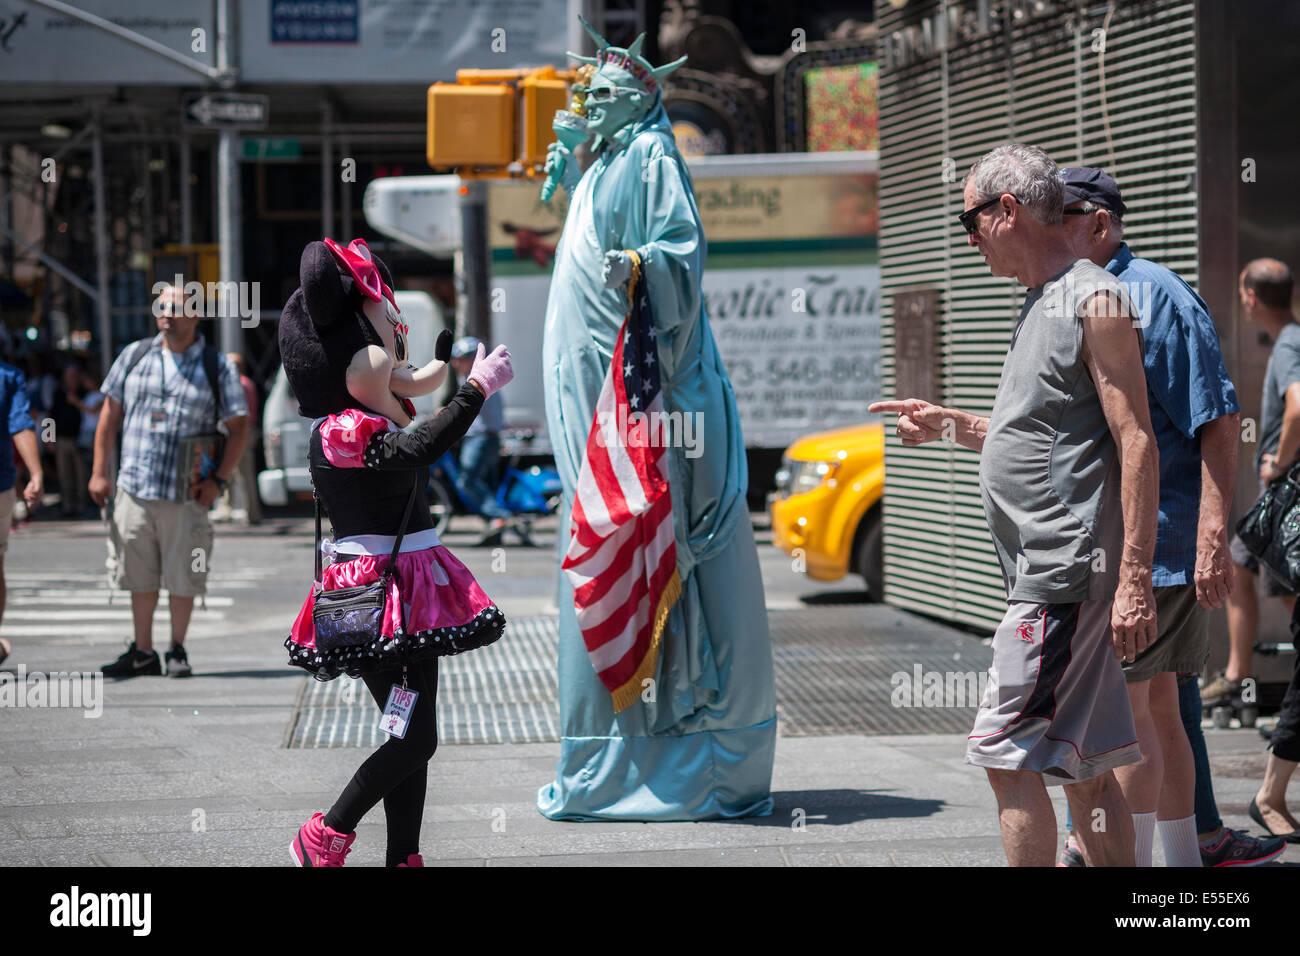 In Kostümen schwärmen Times Square in New York auf Freitag, 18. Juli 2014. Stockbild